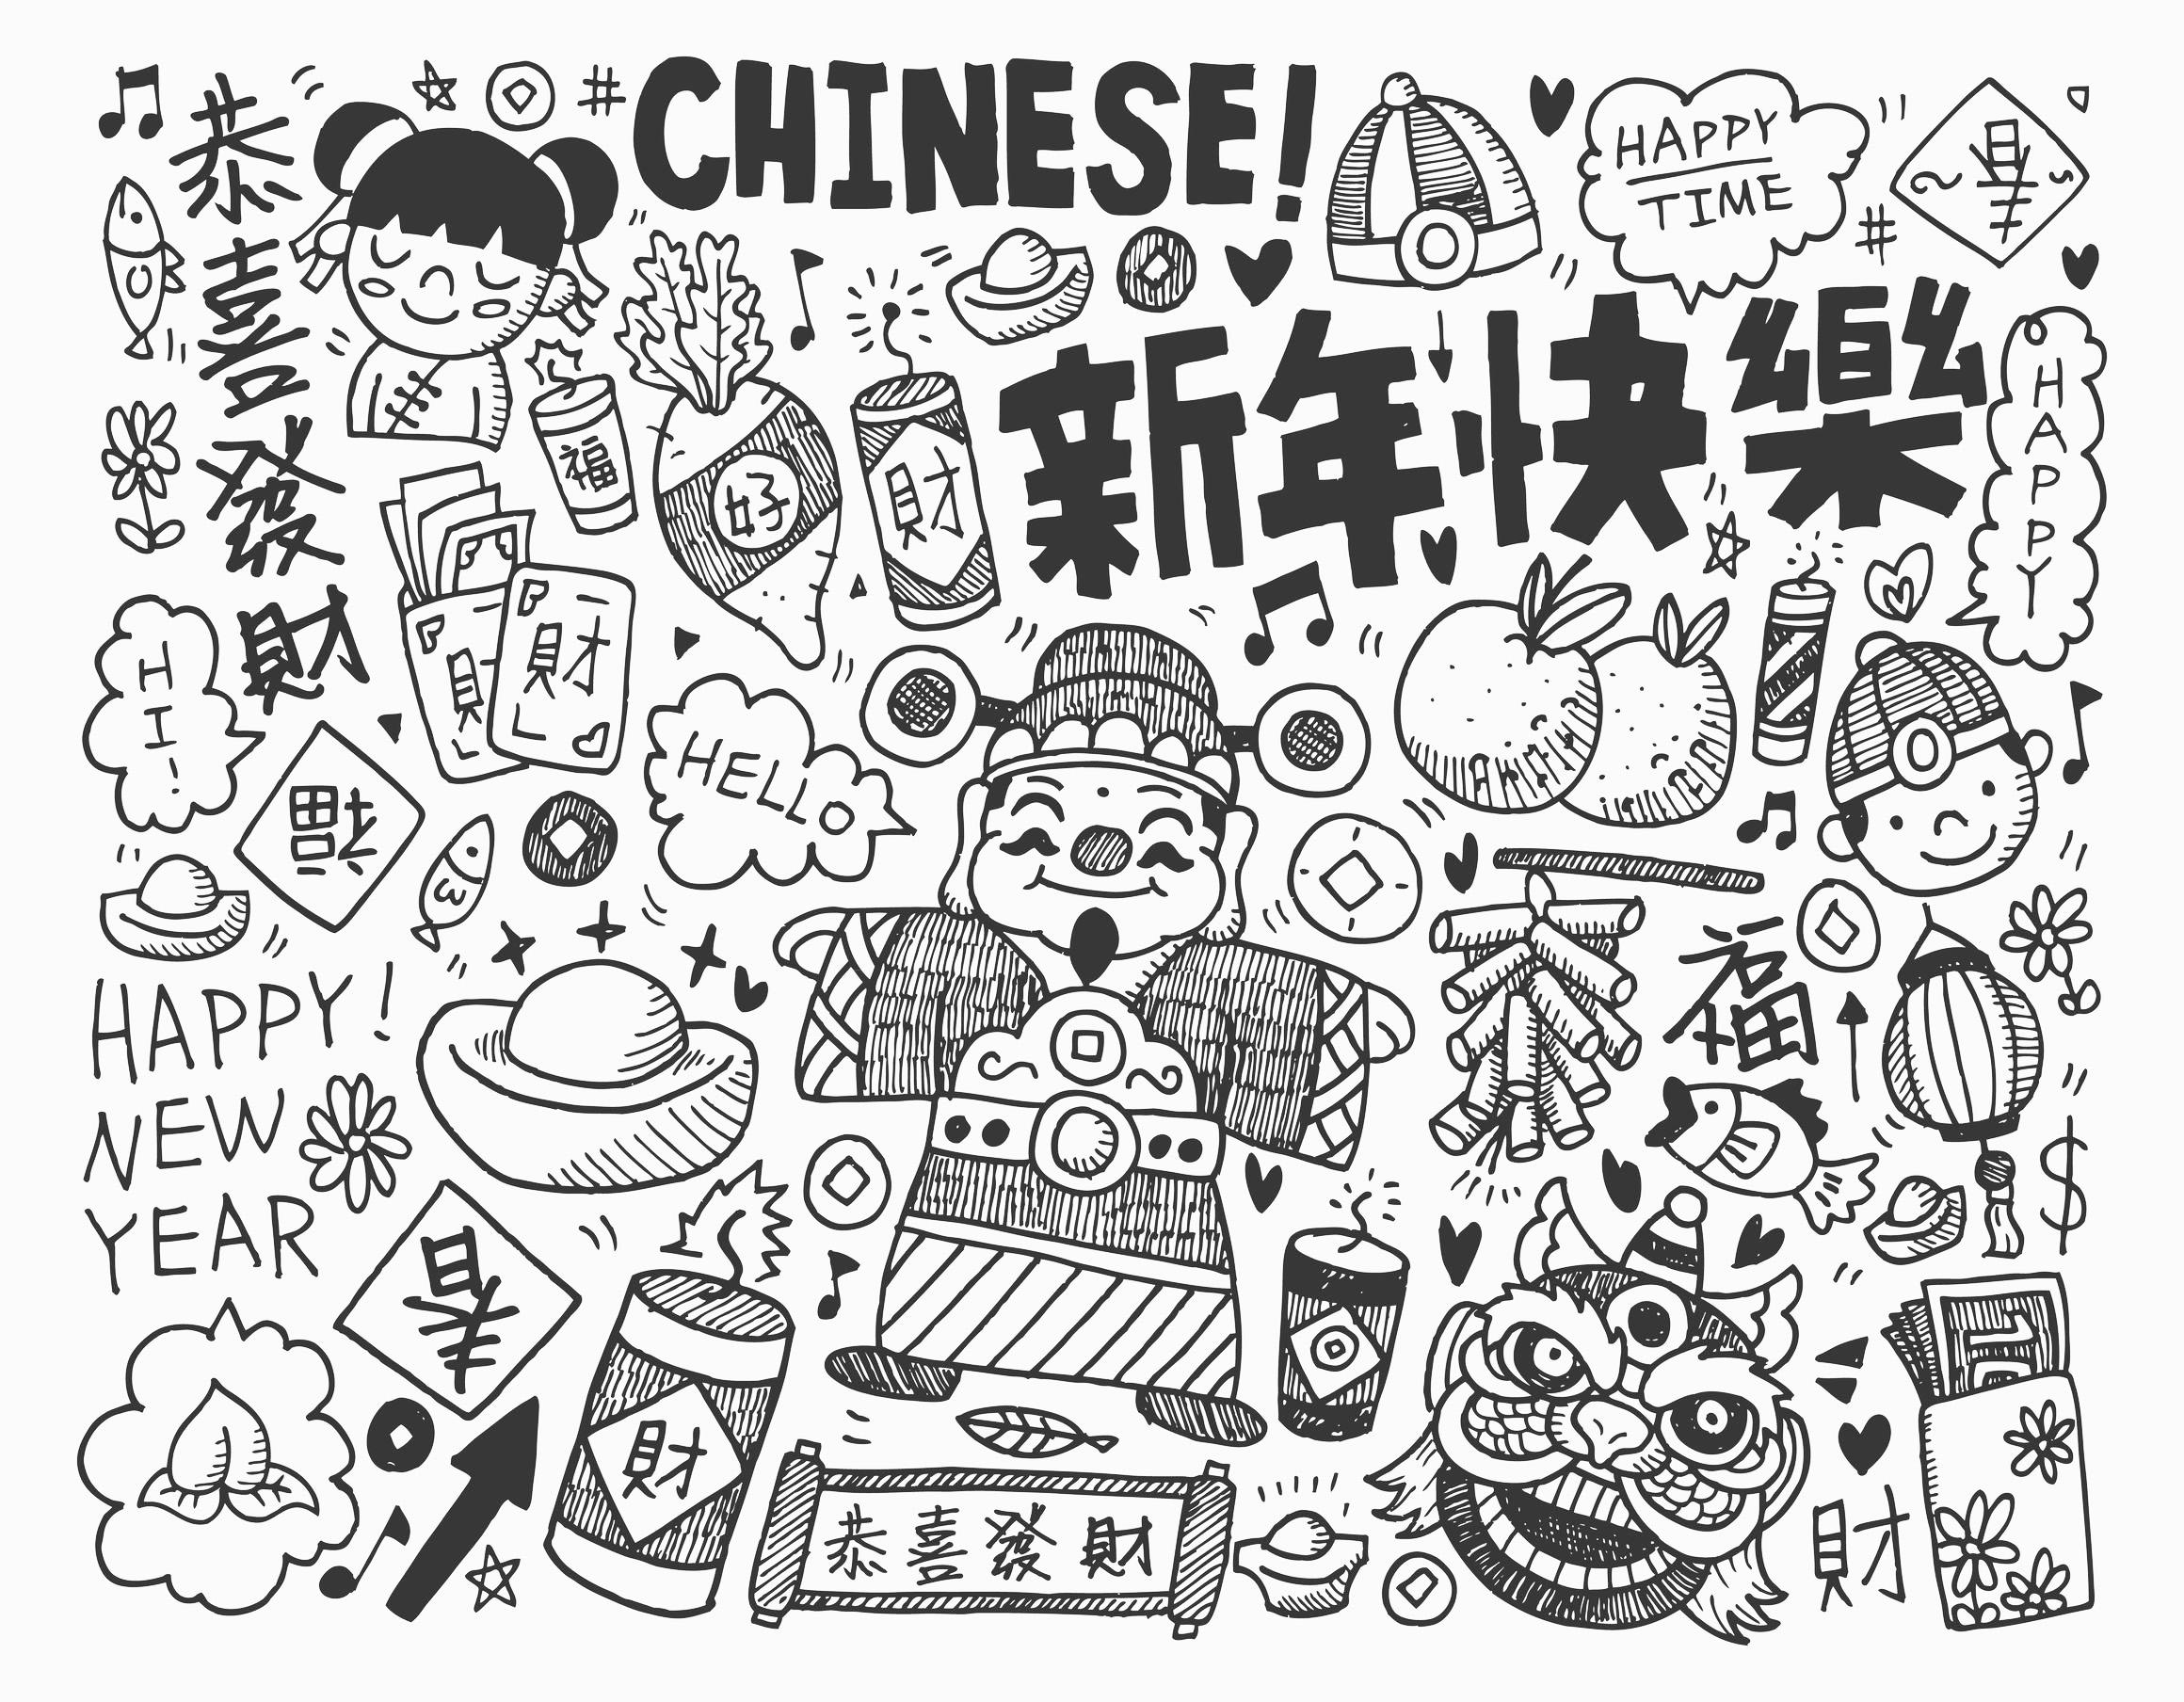 Dessin à colorier sur le thème du Nouvel an chinoisA partir de la galerie : Chine AsieArtiste : Notkoo2008, Source :  123rf